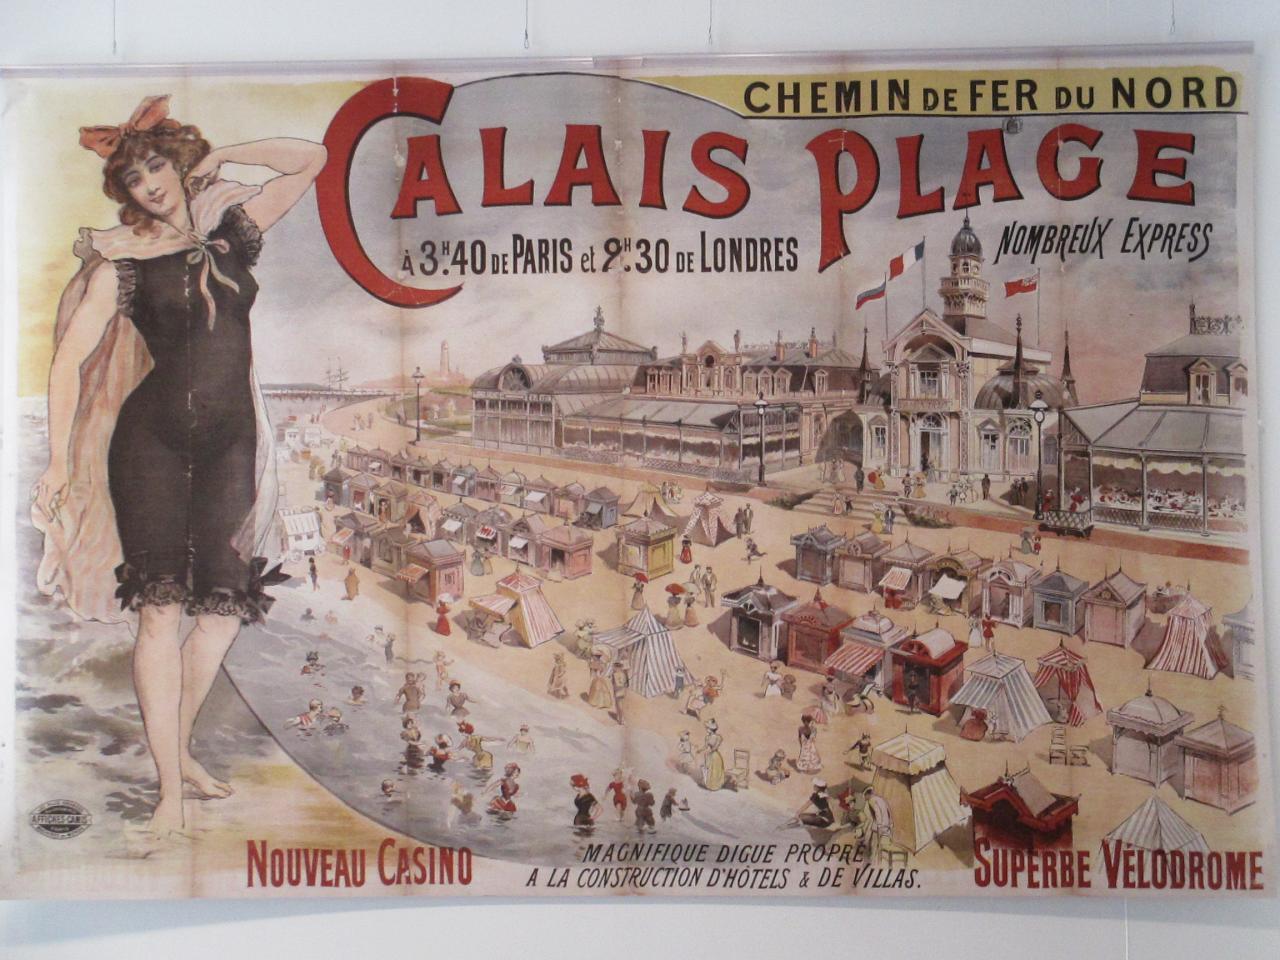 Promotion pour Calais-plage au siècle dernier